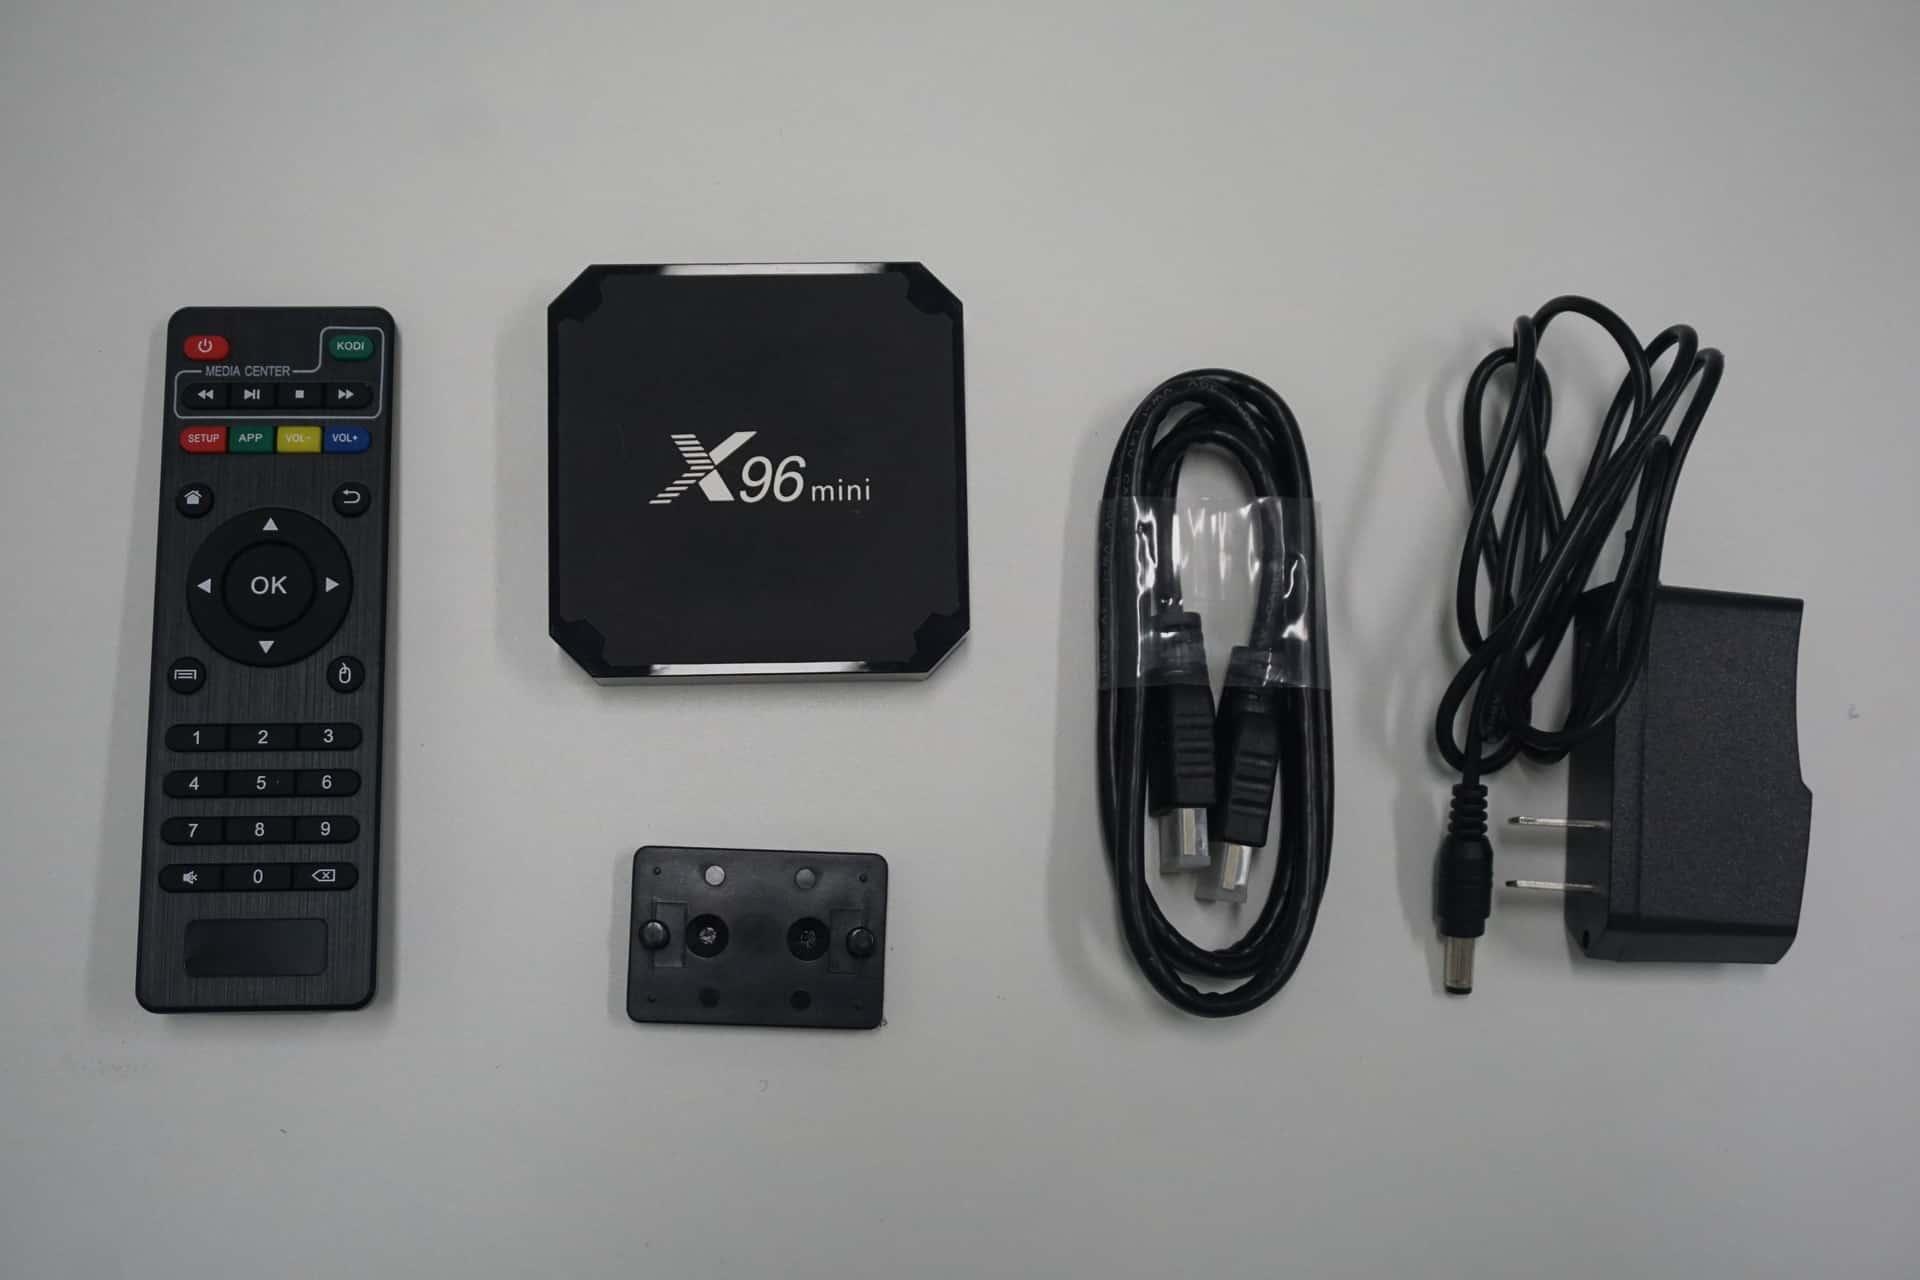 x96 mini tv box Android box content